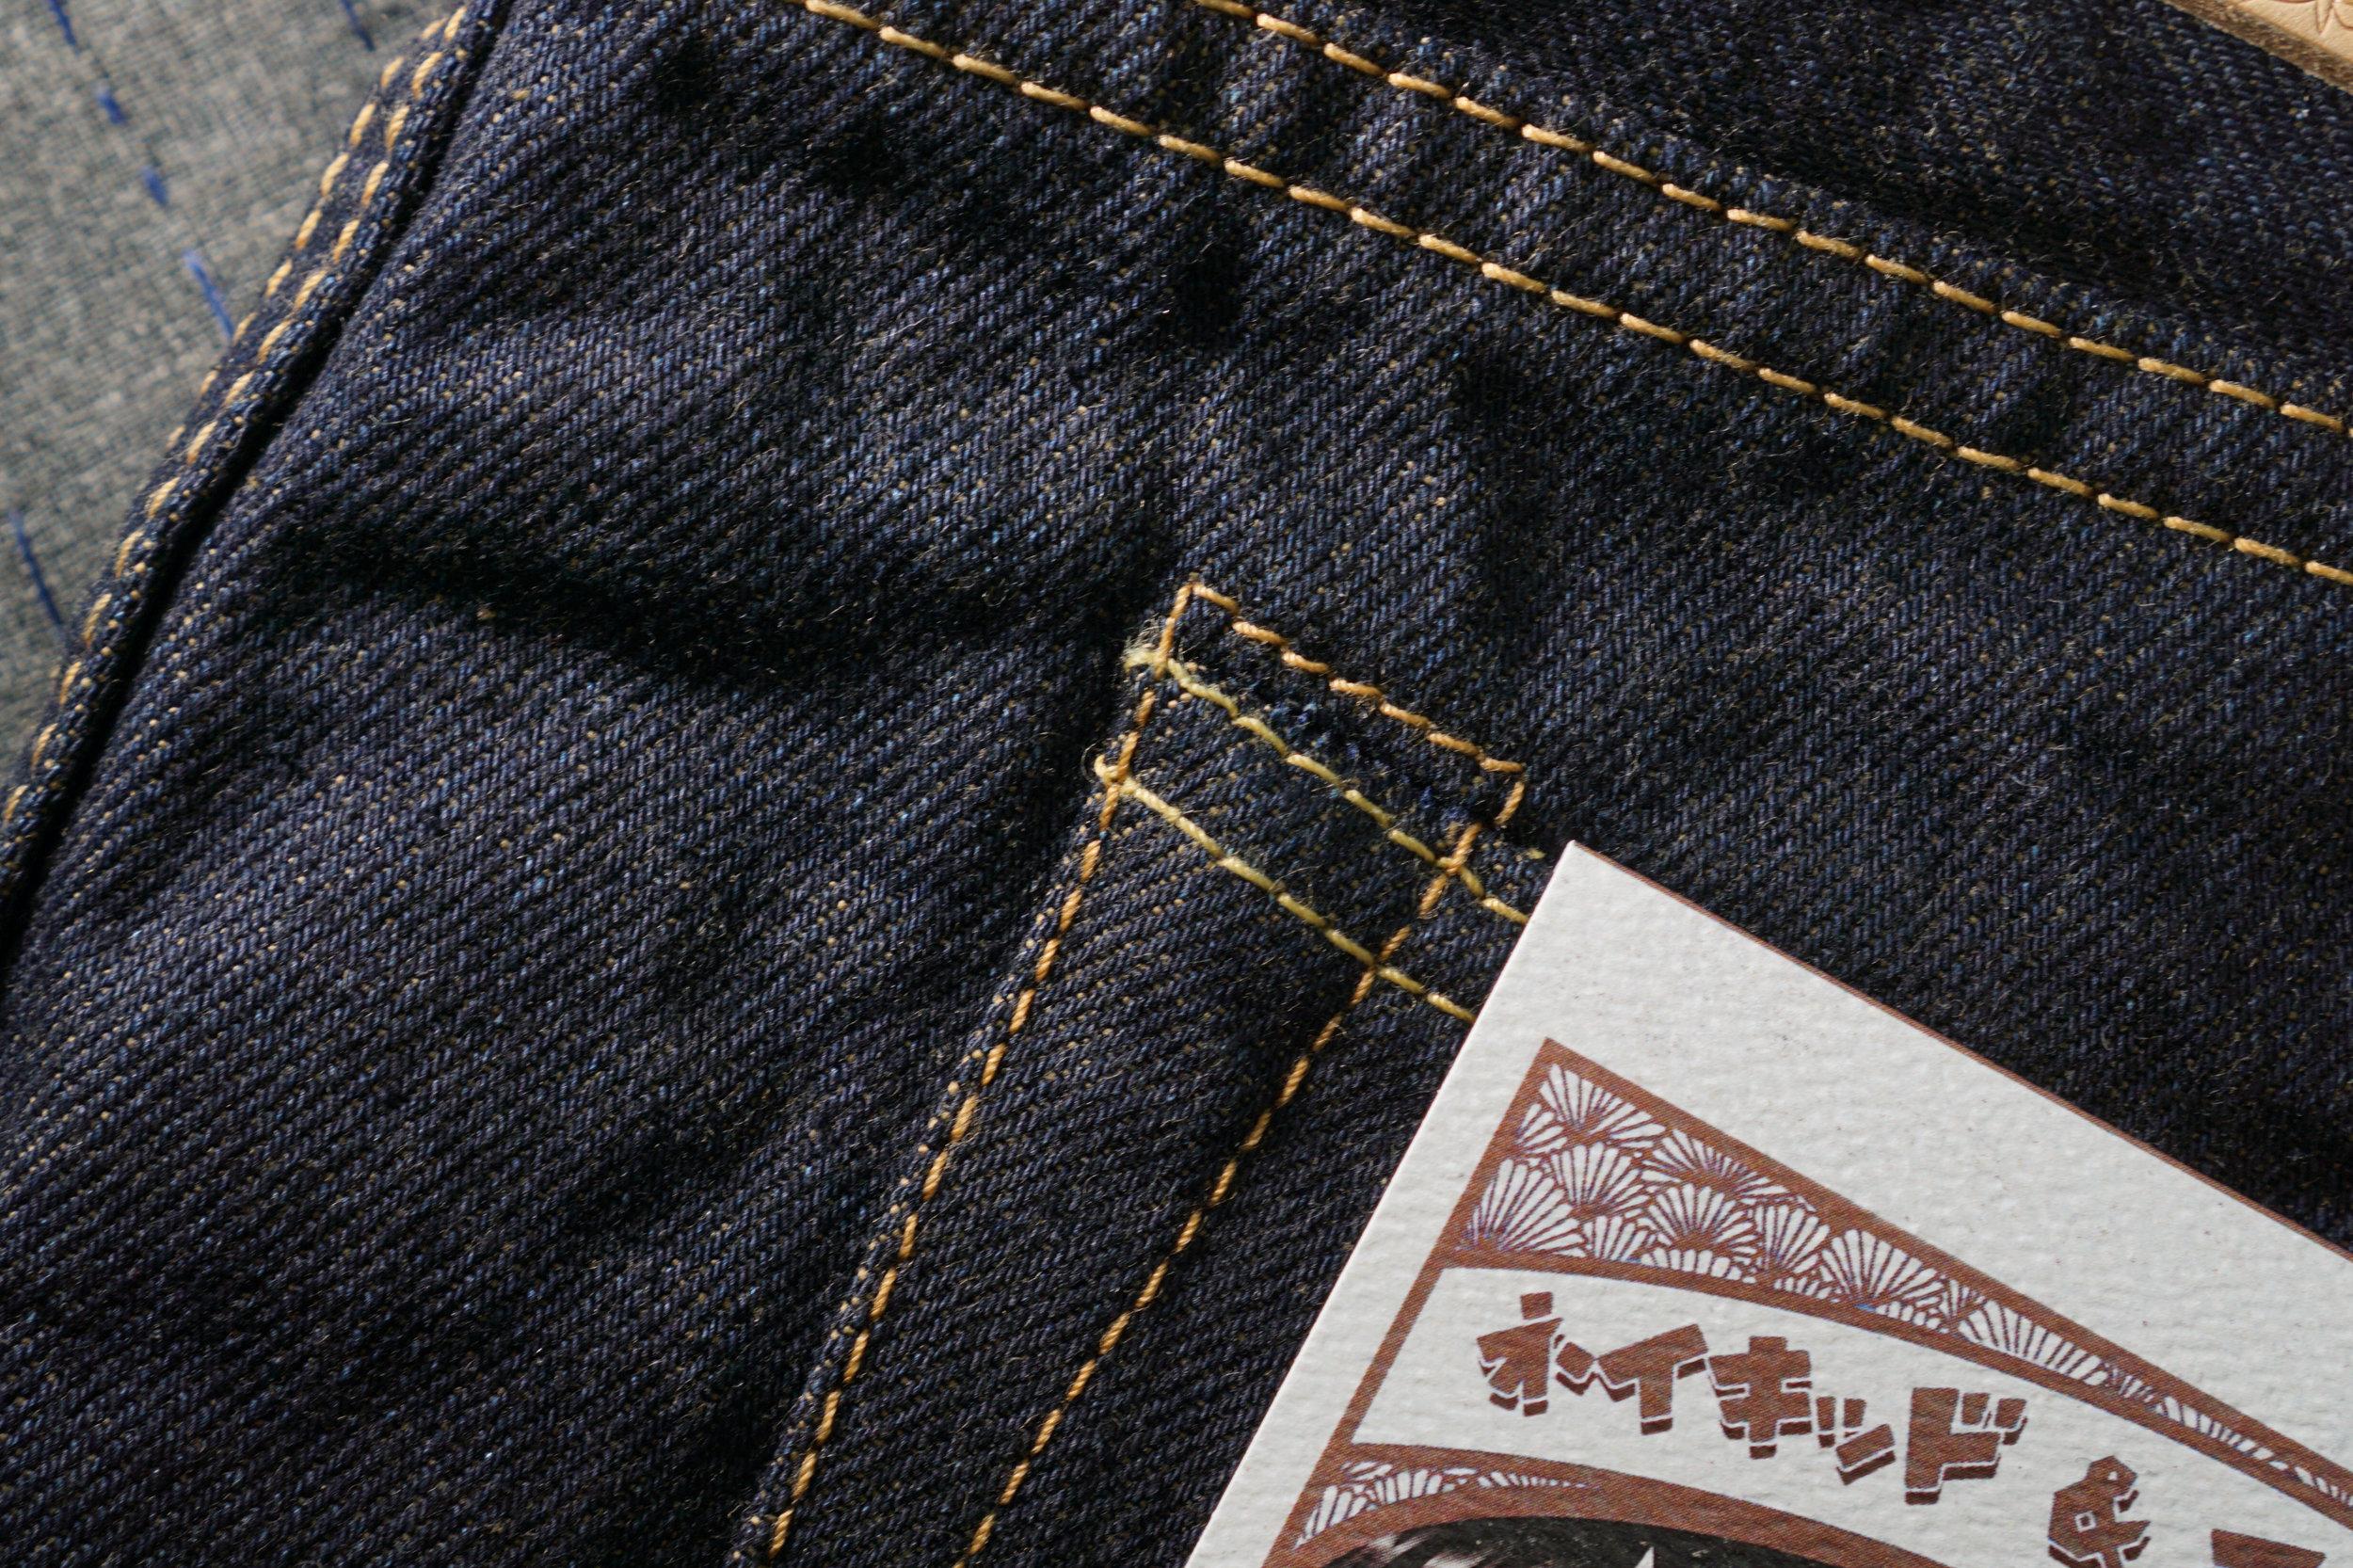 MIJ5 Kogare Kakishibu - Thread Color